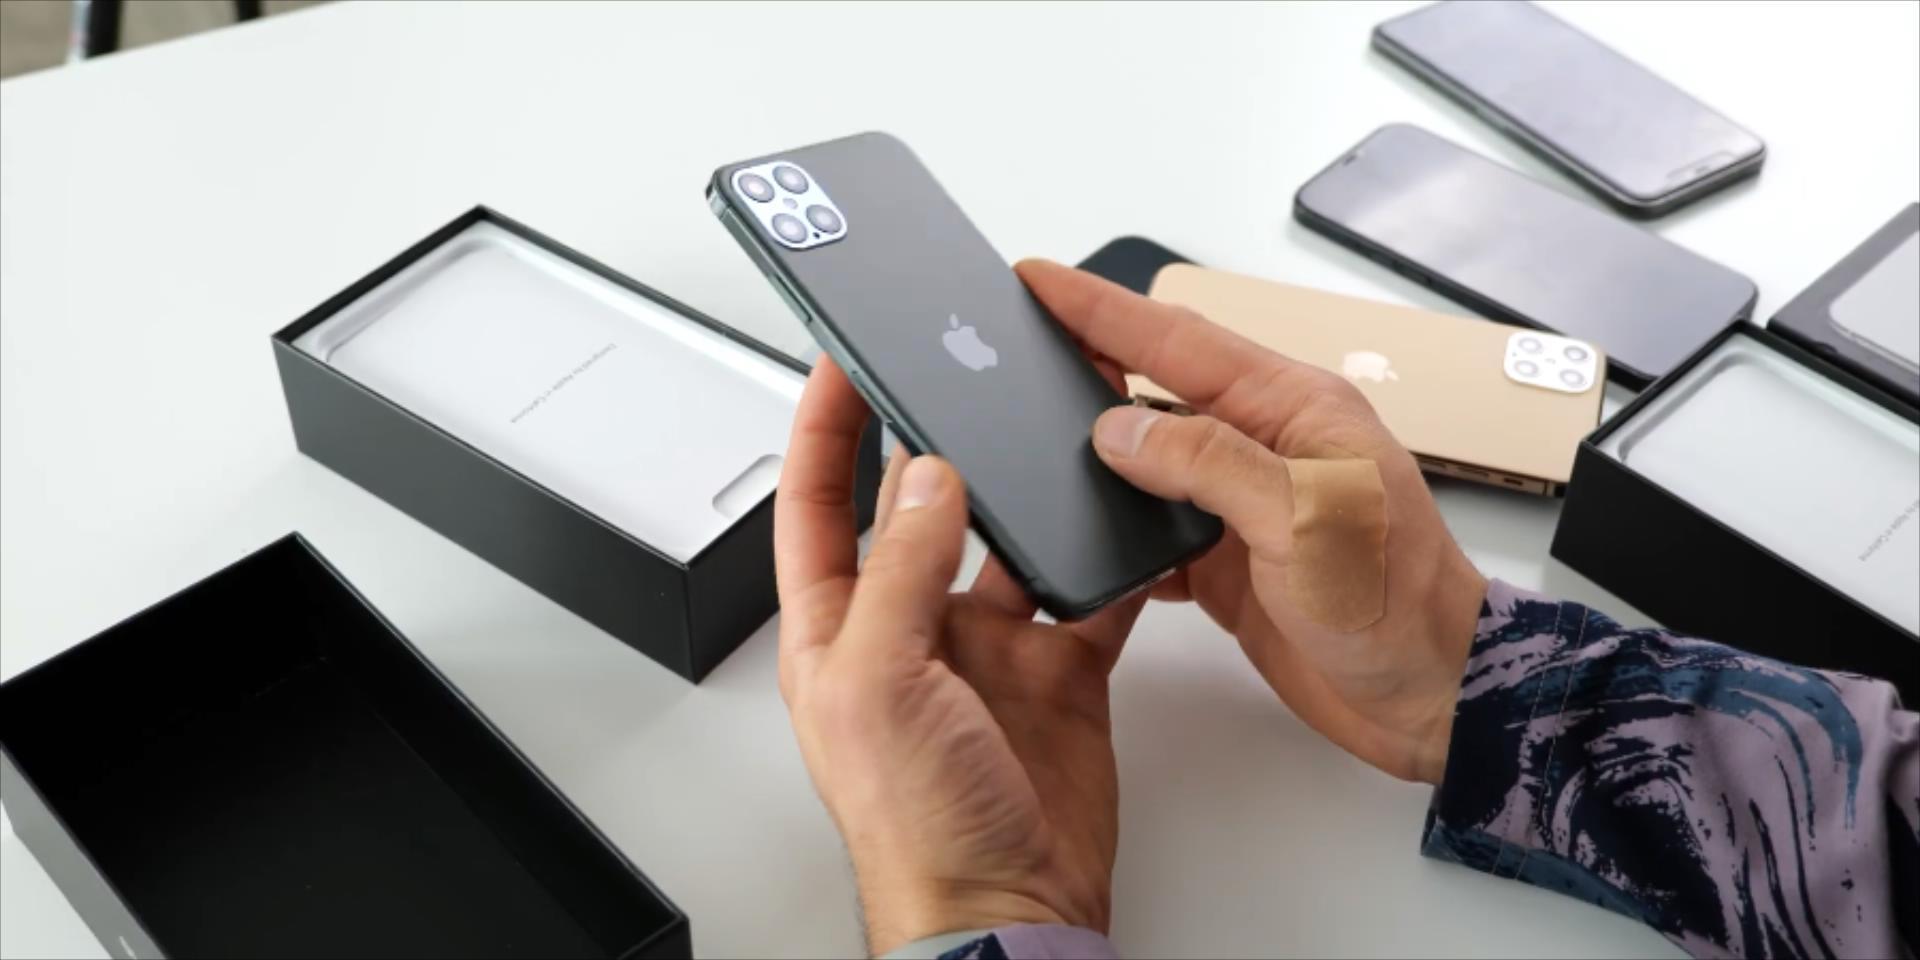 高仿iPhone12ProMax拆箱:集成浴霸四摄流海保存,向iPhone4献给